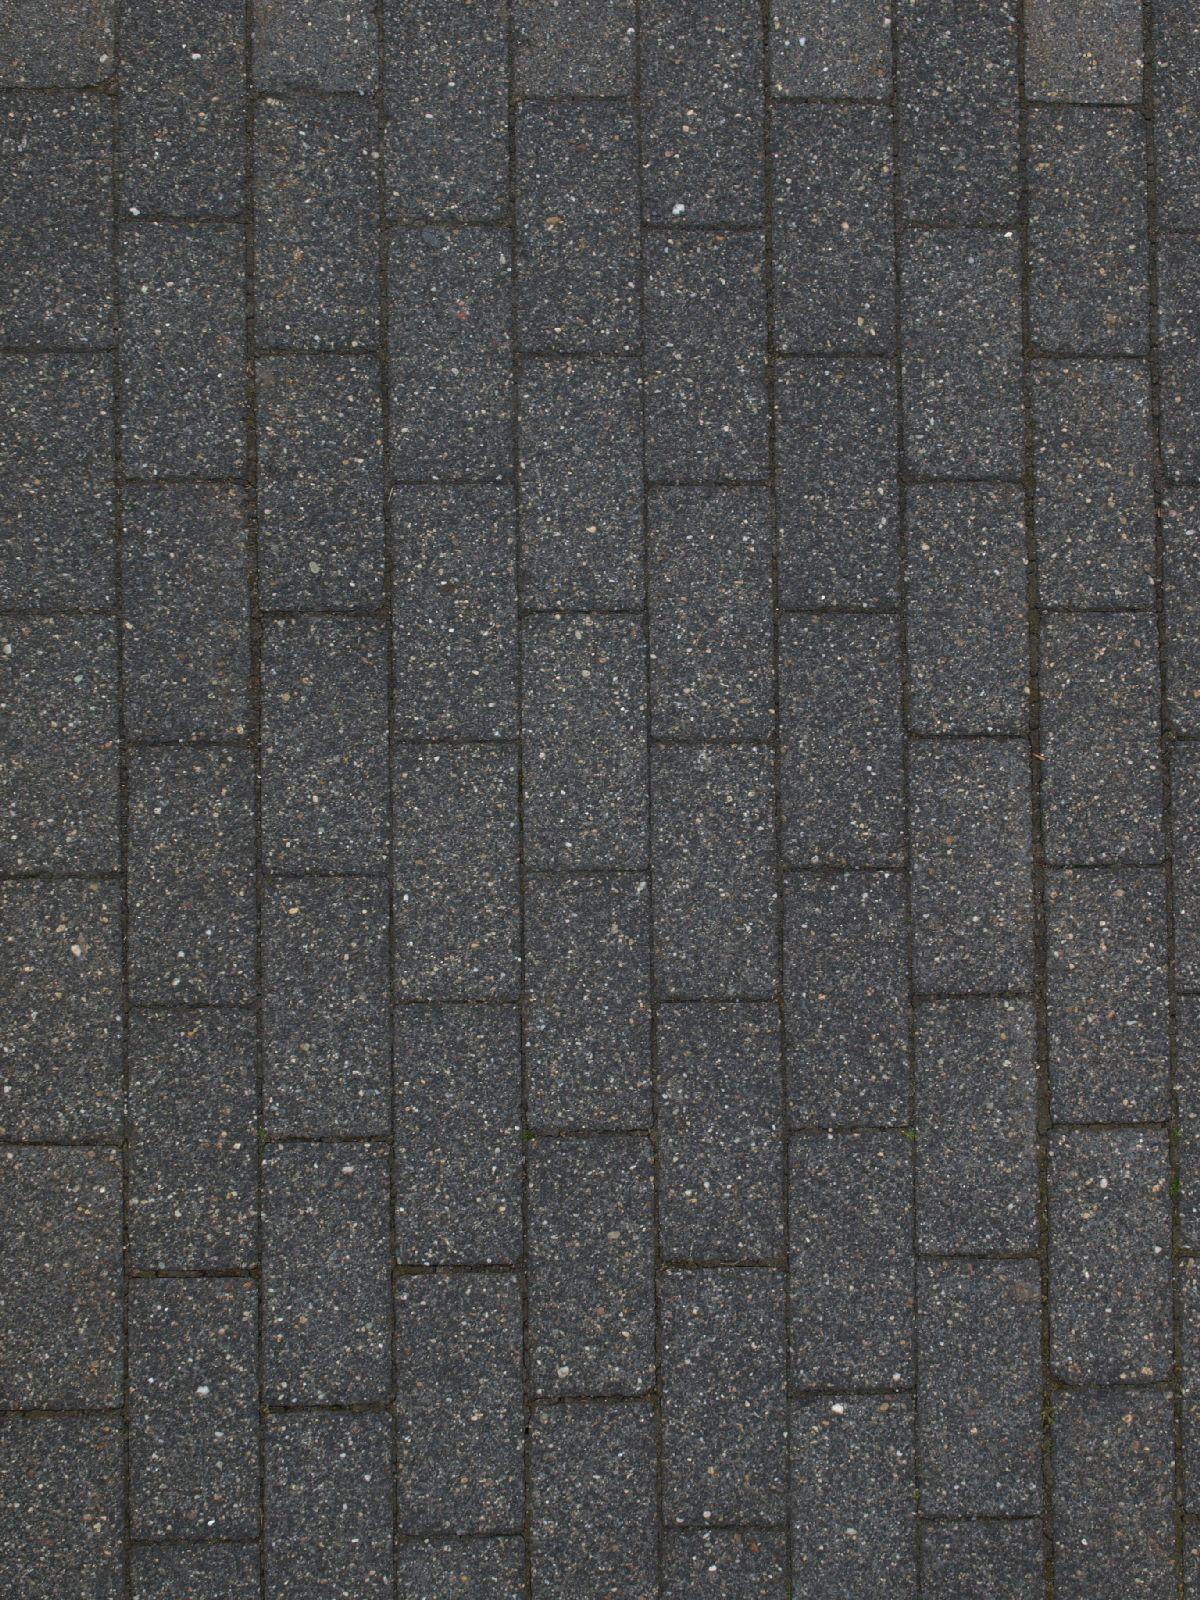 Ground-Urban_Texture_A_P5315577